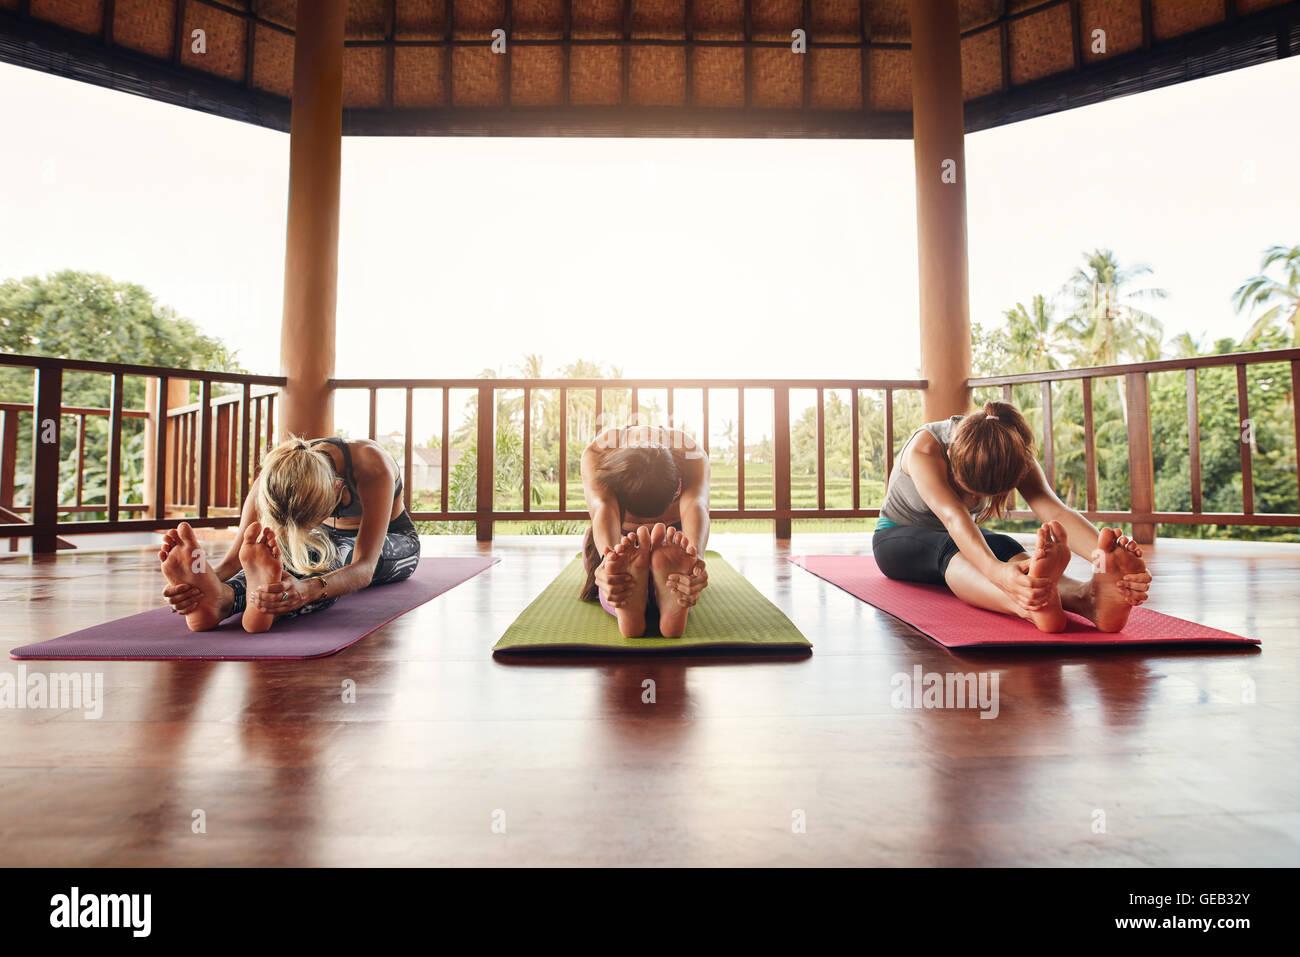 Drei Frauen Yoga Klasse, gemeinsam üben Paschimottanasana darstellen. Fitness Frauen dehnen sich im Yoga. Stockbild